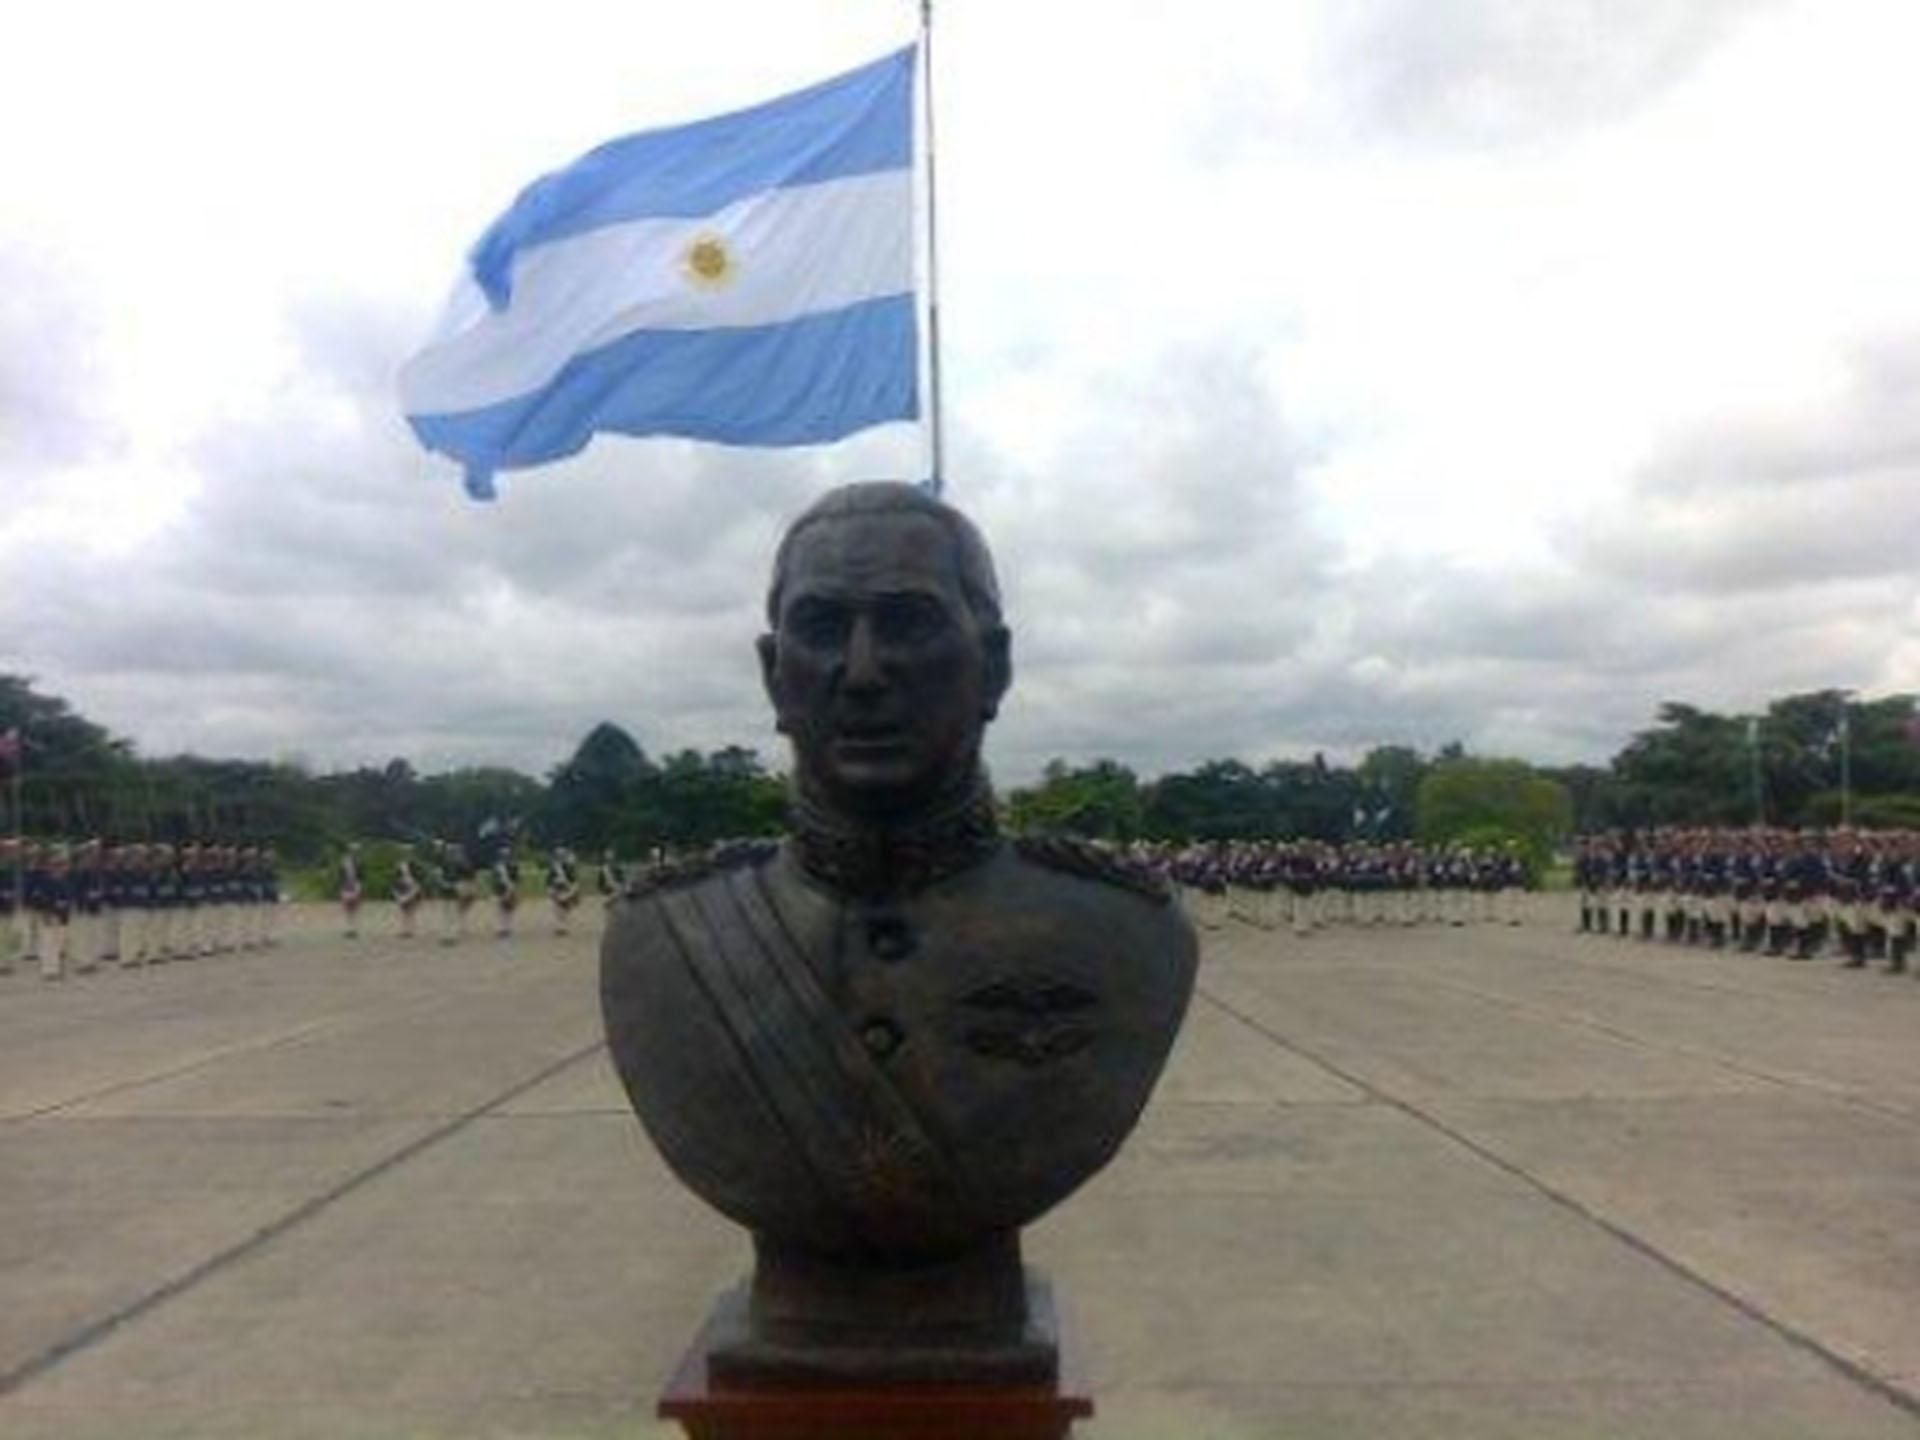 El busto de Juan Domingo Perón fue emplazado en el Patio de Armas del Colegio Militar en el año 2012